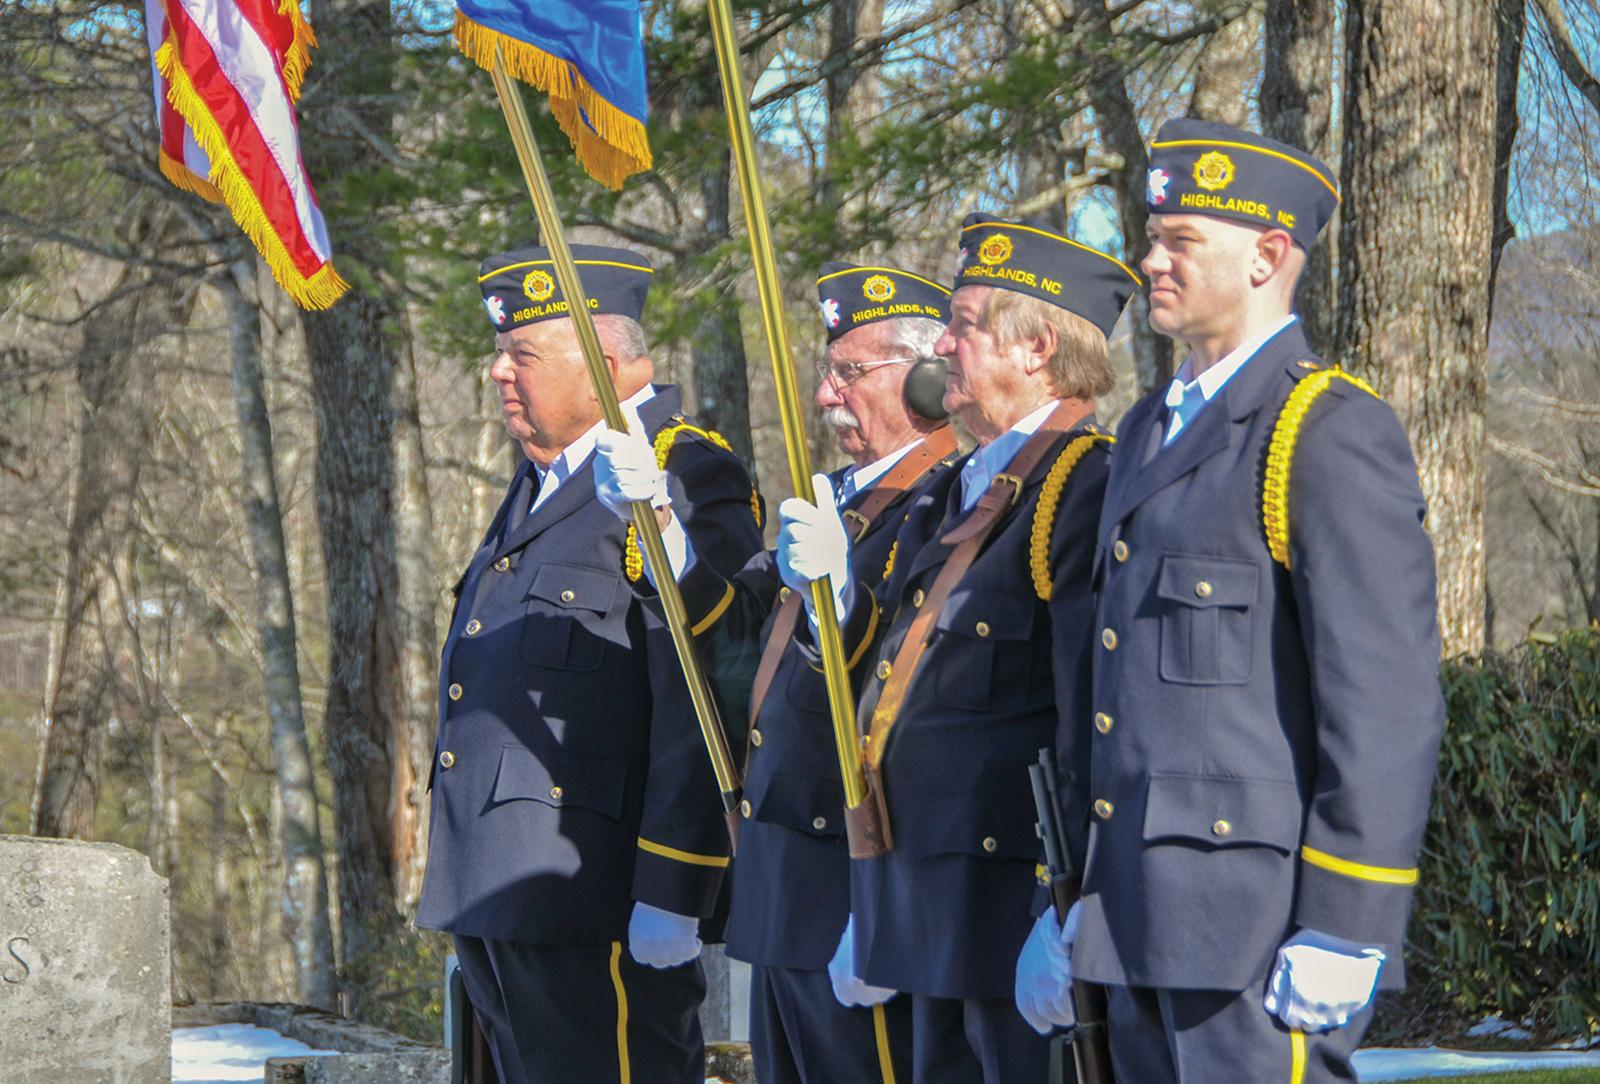 highlands nc American Legion